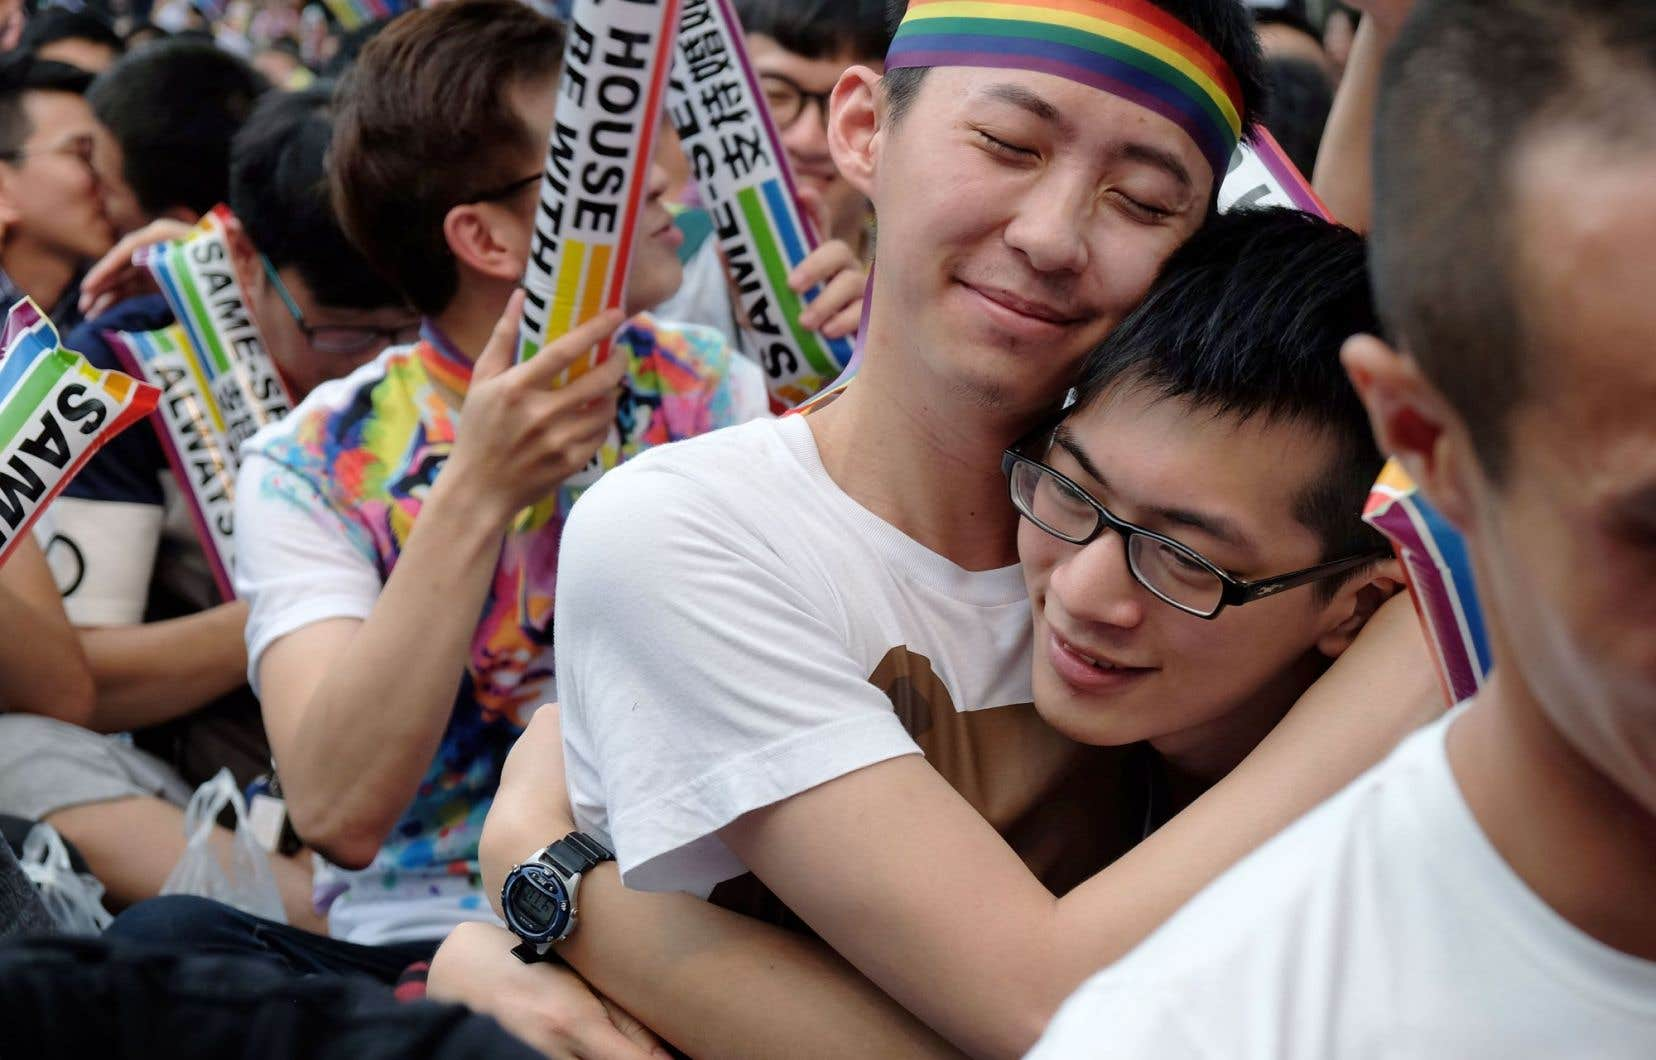 Des centaines de personnes se sont rassemblées mercredi à Taipei et ont bruyamment célébré l'arrêt de la Cour constitutionnelle.